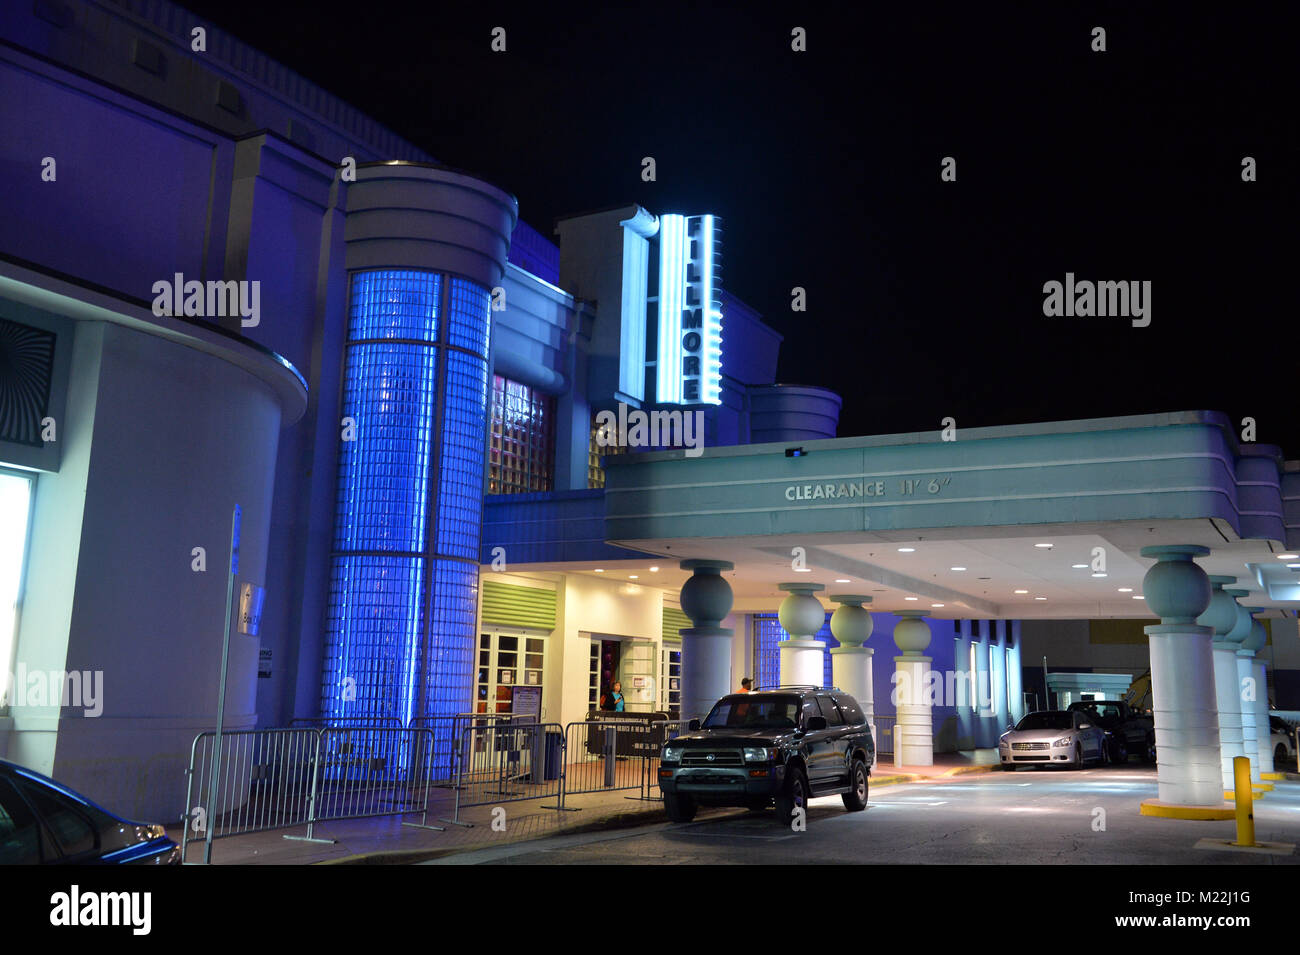 MIAMI BEACH, FL - APRIL 22: Gavin Rossdale of Bush performs at The Fillmore Miami Beach on April 22, 2016 in Miami - Stock Image